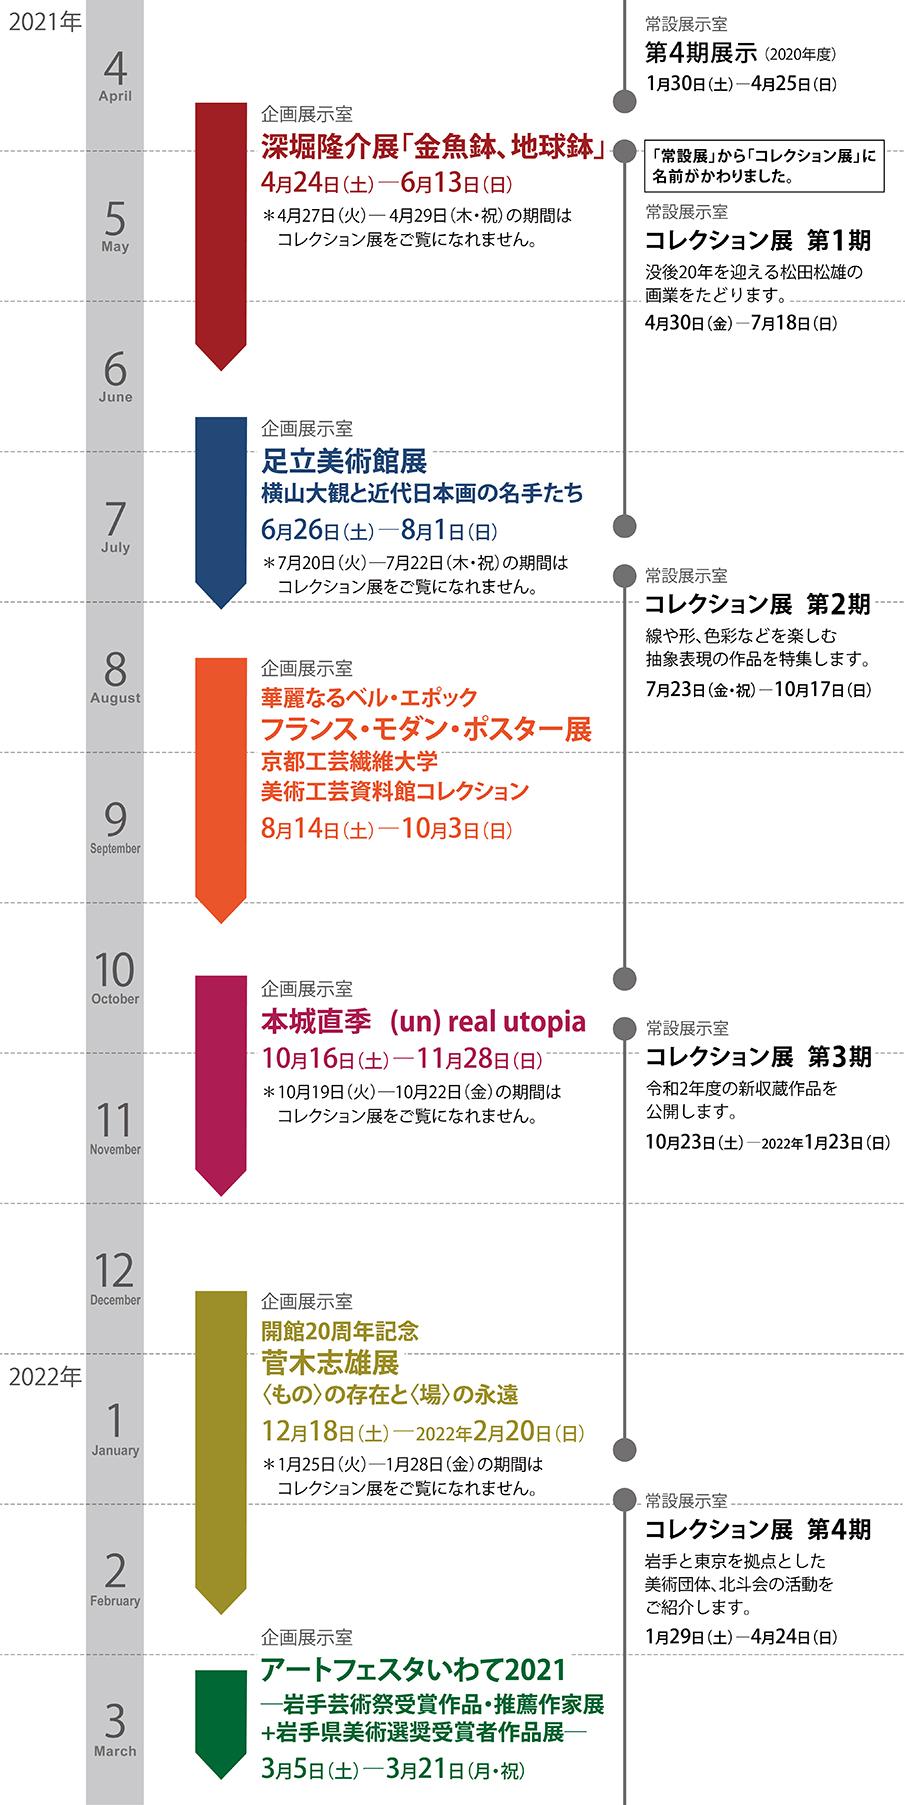 展覧会/年間スケジュール2021-2022